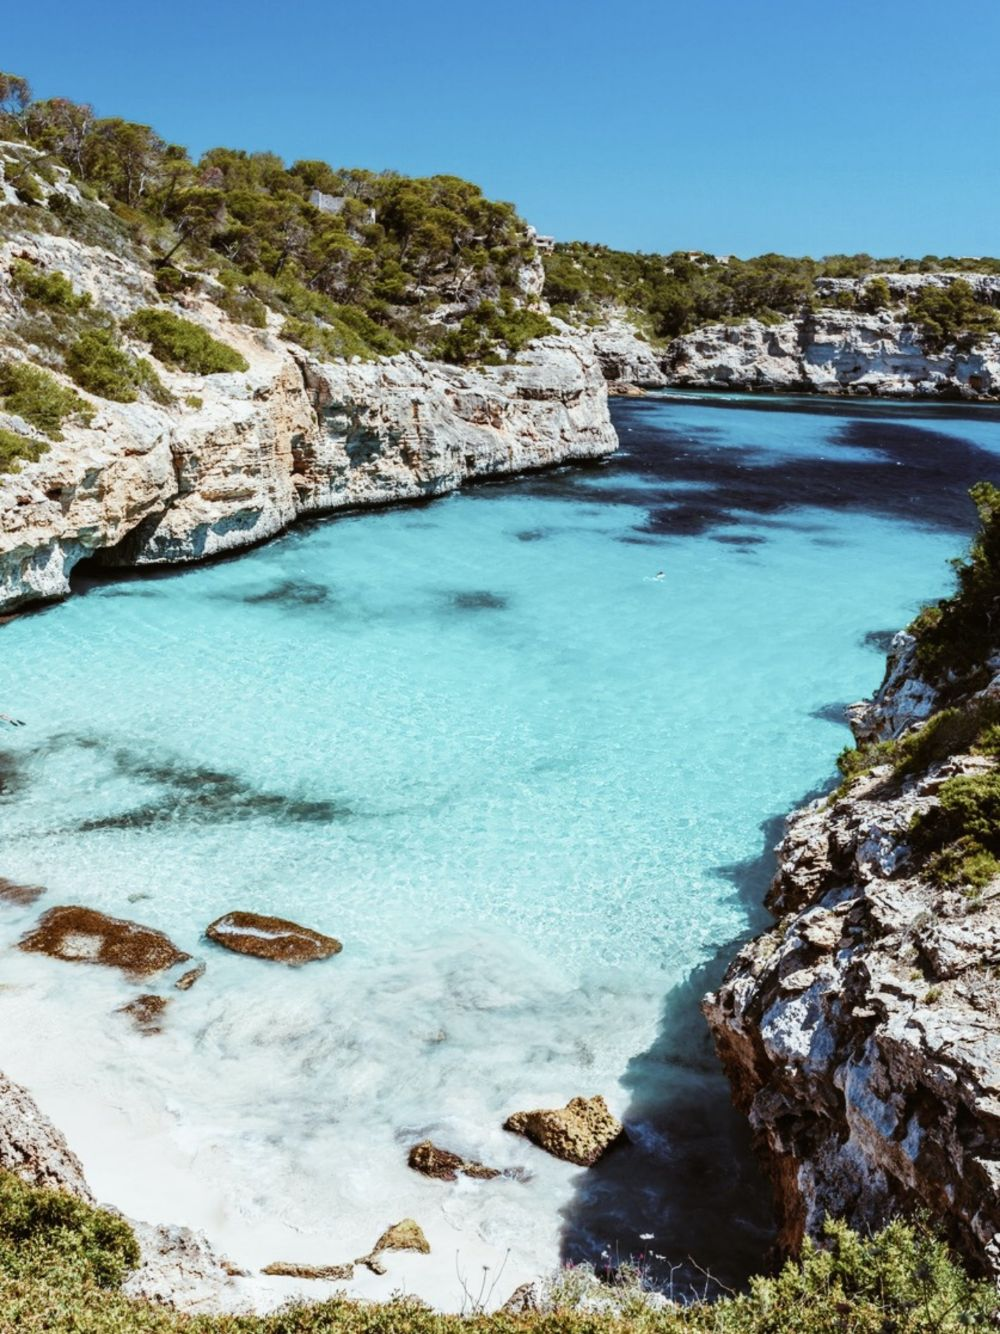 صور إسبانيا، صور سفر، أفضل الوجهات السياحية في إسبانيا، جزيرة مايوركا